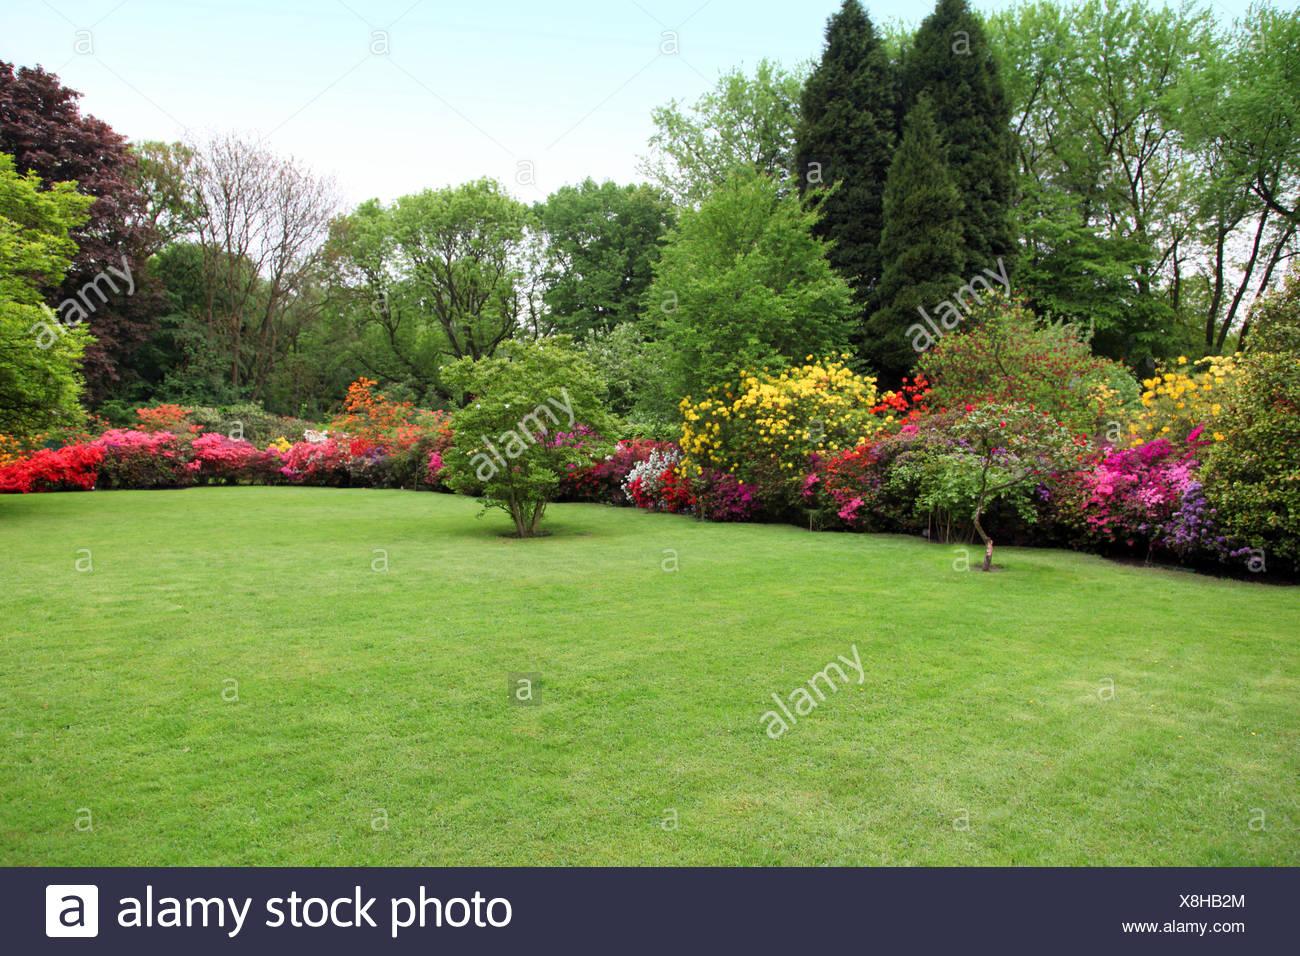 Belle pelouse dans un jardin d'été Photo Stock